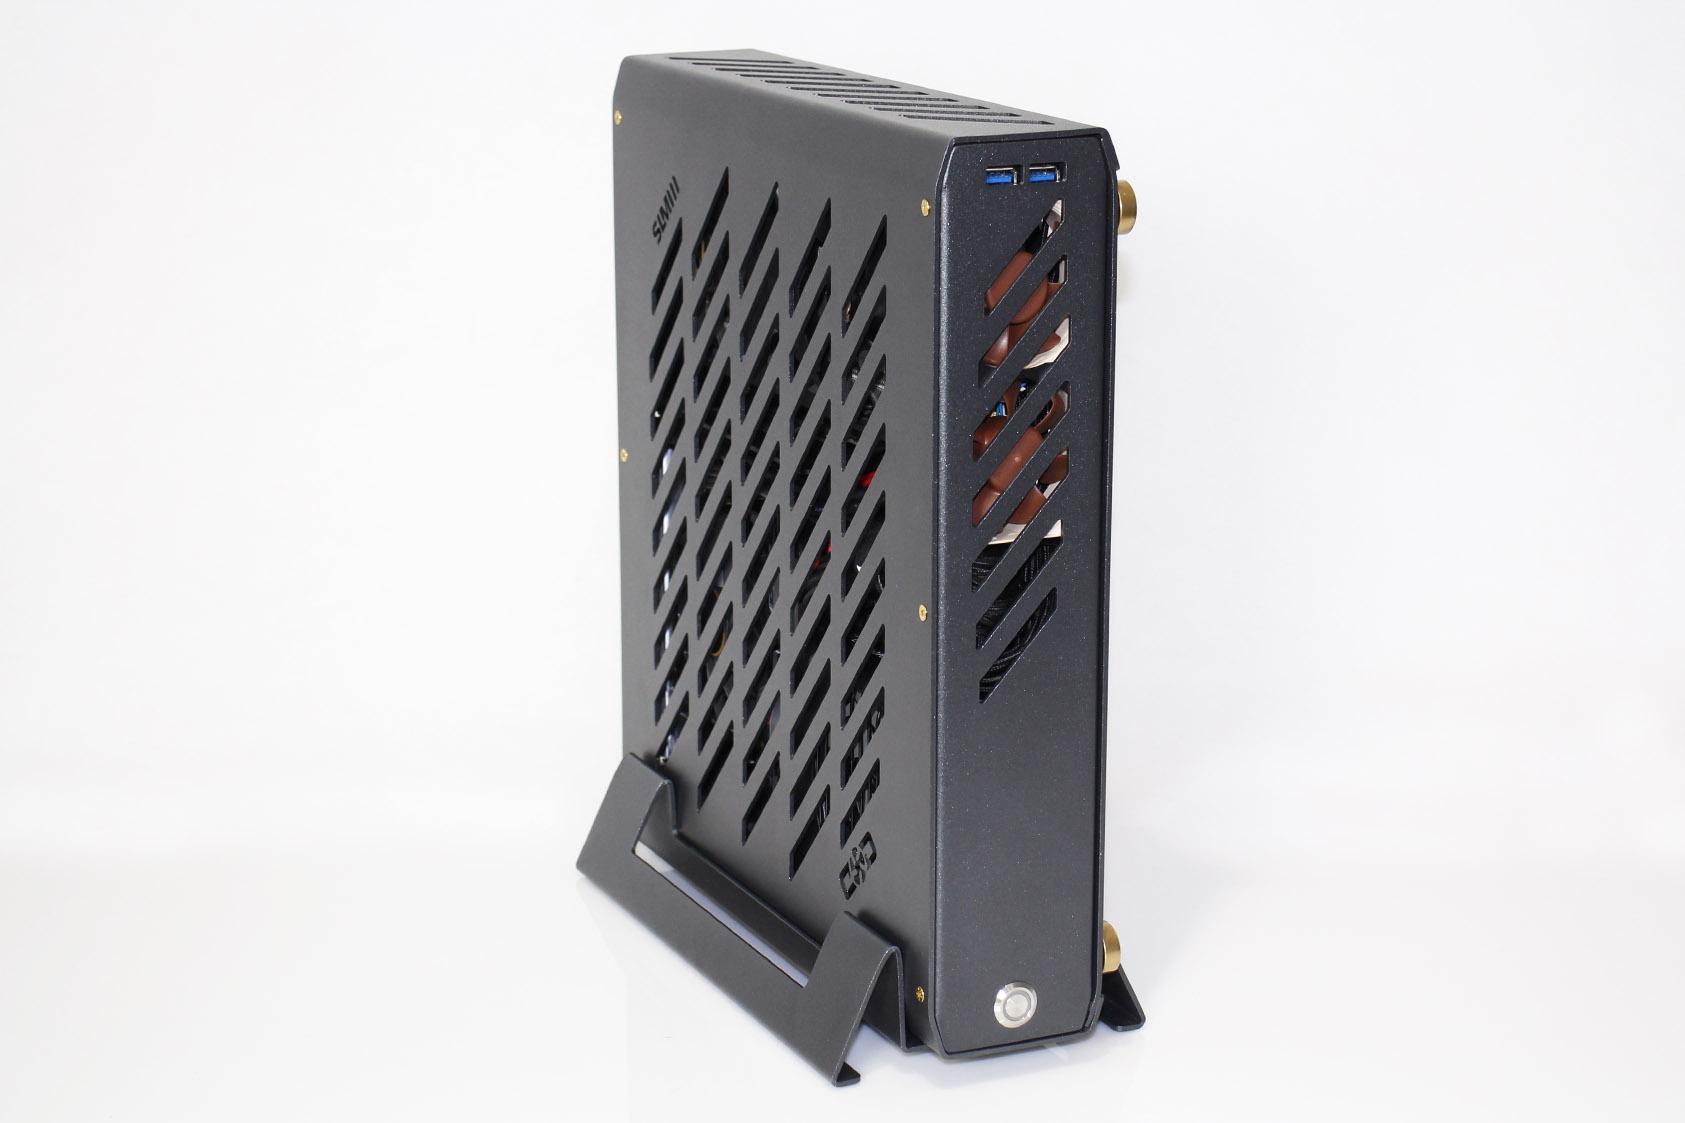 case SLM3 lm 7.4L